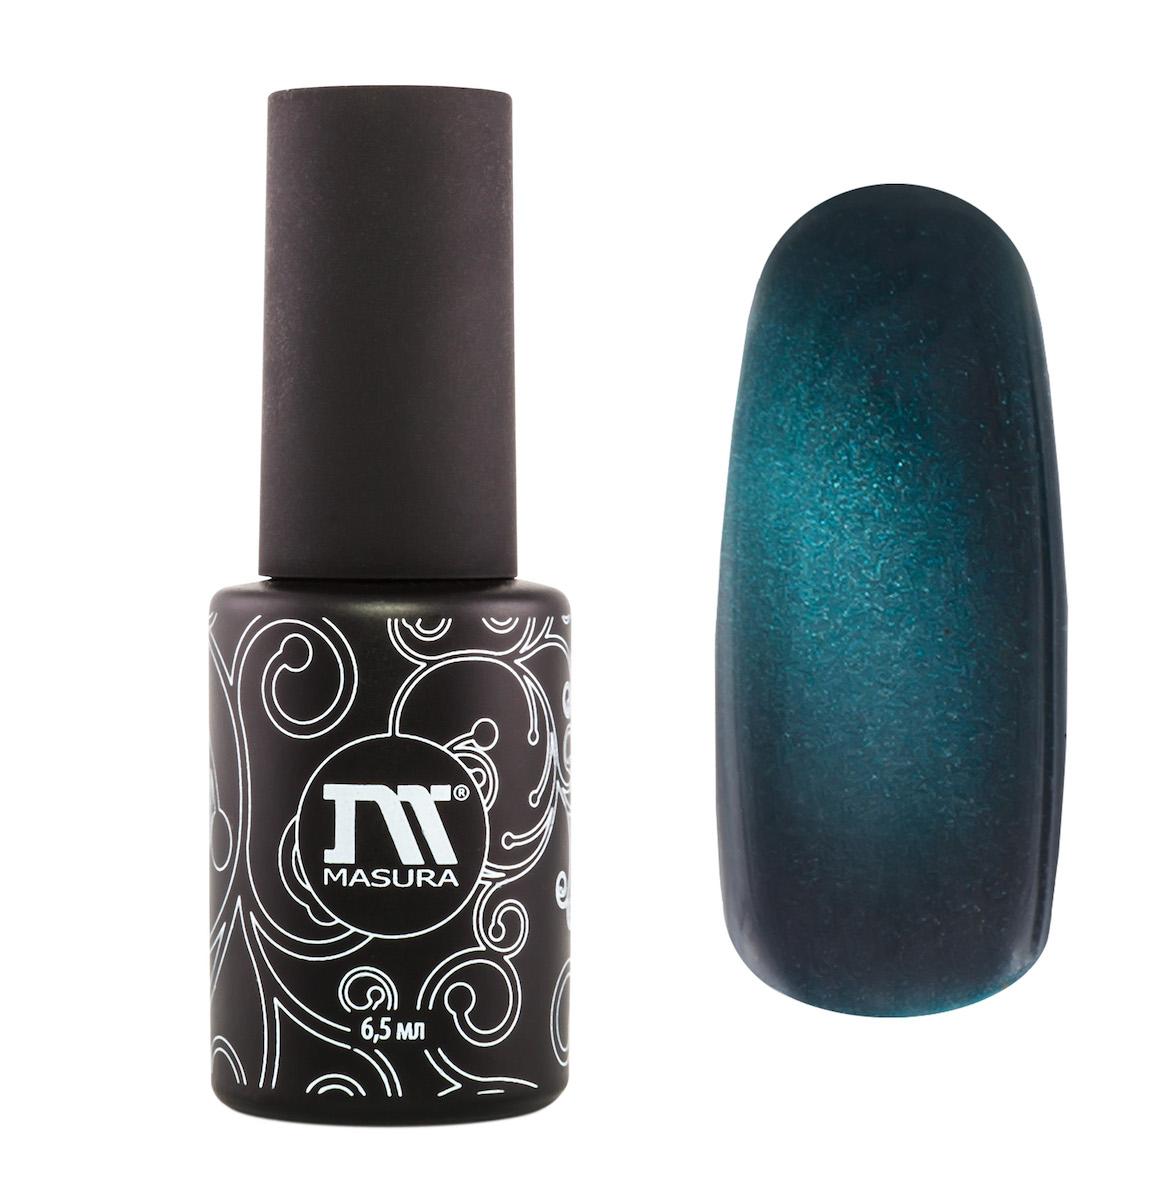 Masura Гель-лак Французская Тиара, 6,5 мл30536046178бирюзовый с голубым подтоном, с зеркальным переливом, плотный